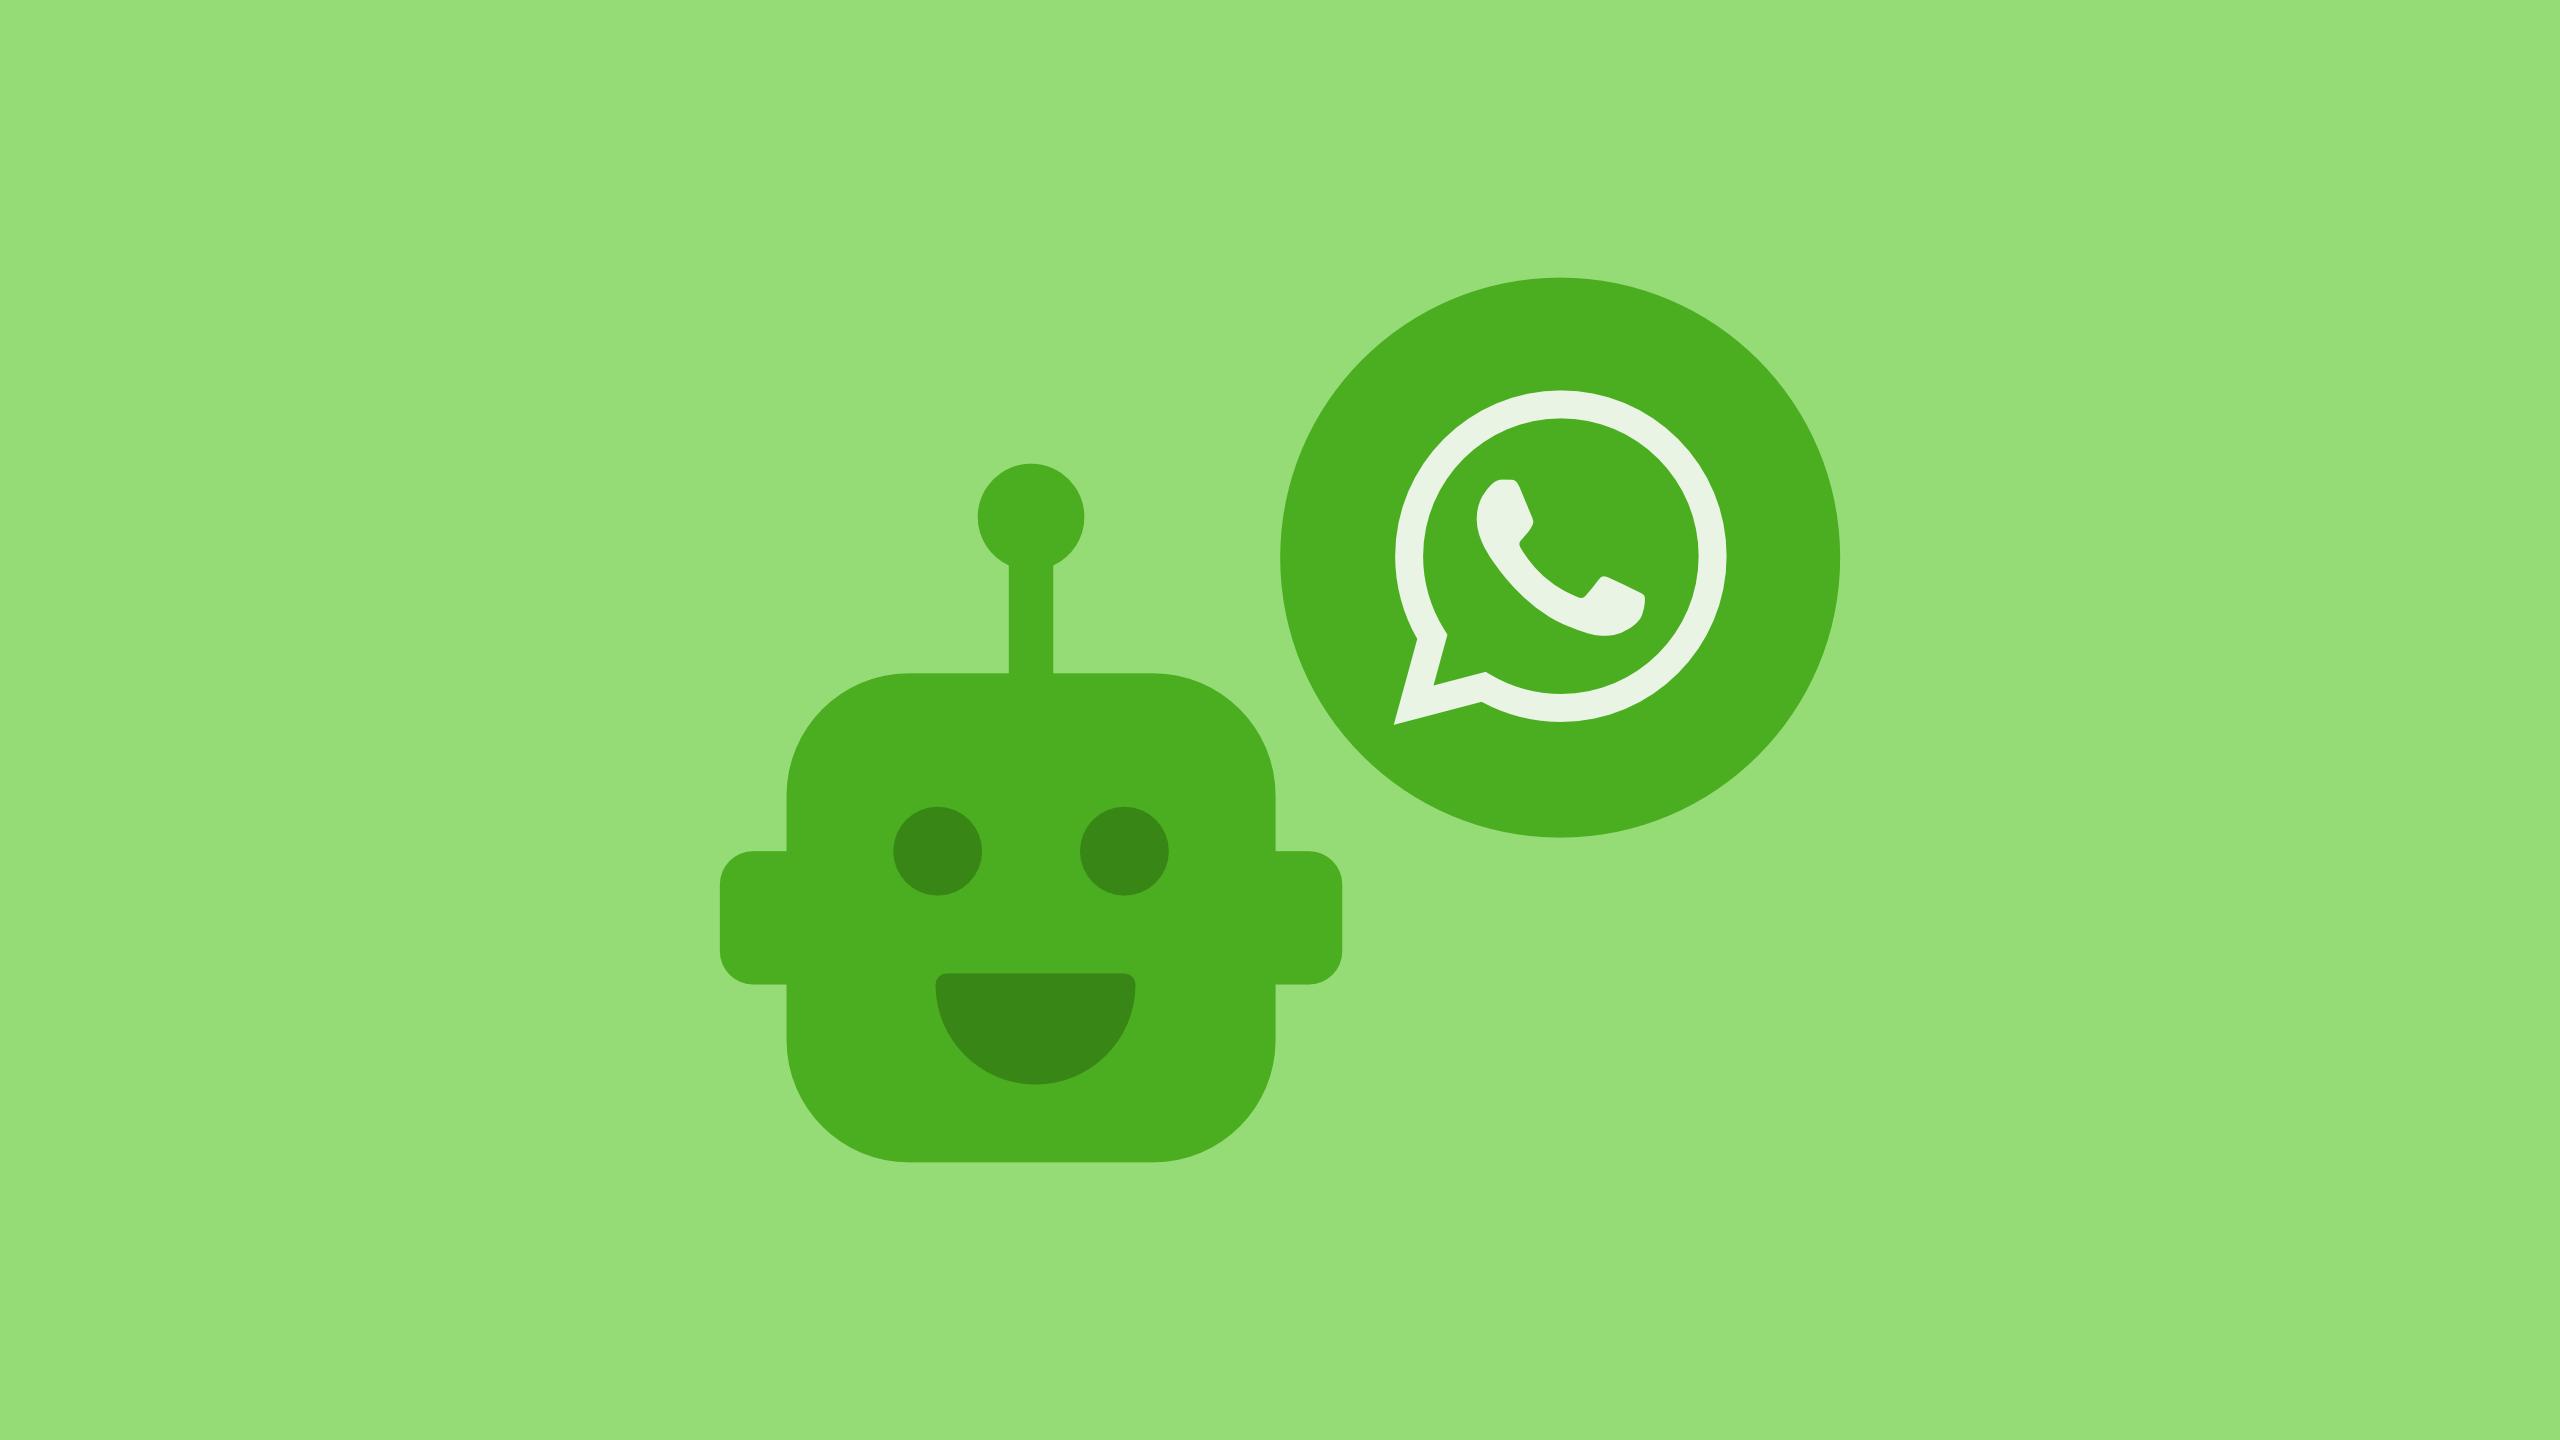 वॉट्स ऐप यूजर्स चैटबोट से पहचान सकेंगे मैसेज की सच्चाई